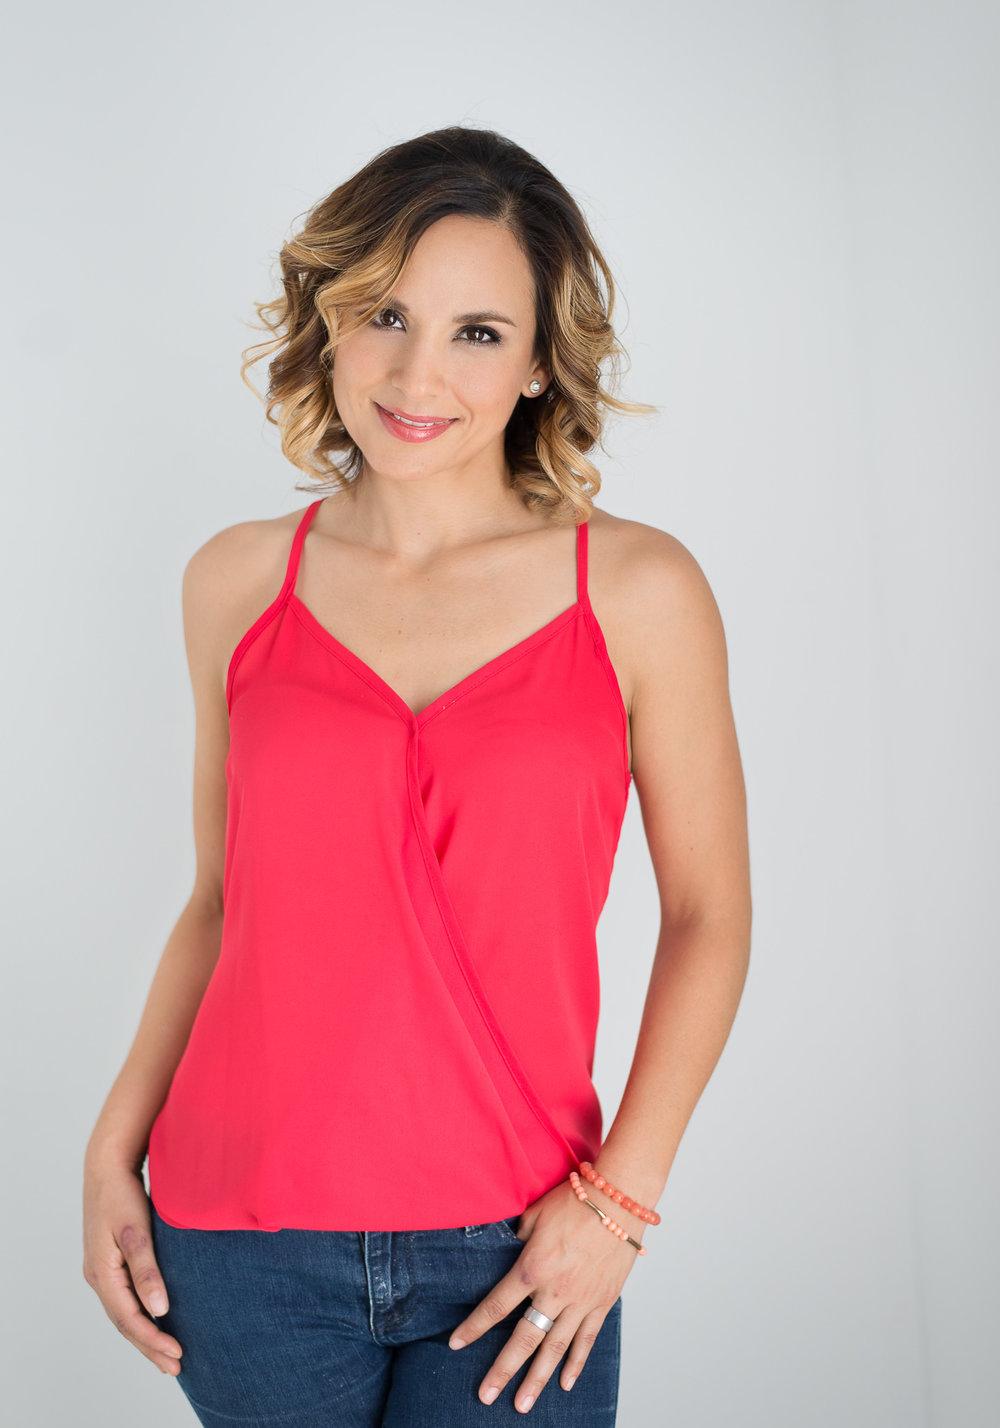 Sesion-fotos-mexicali-retrato-Rocio-Esponda